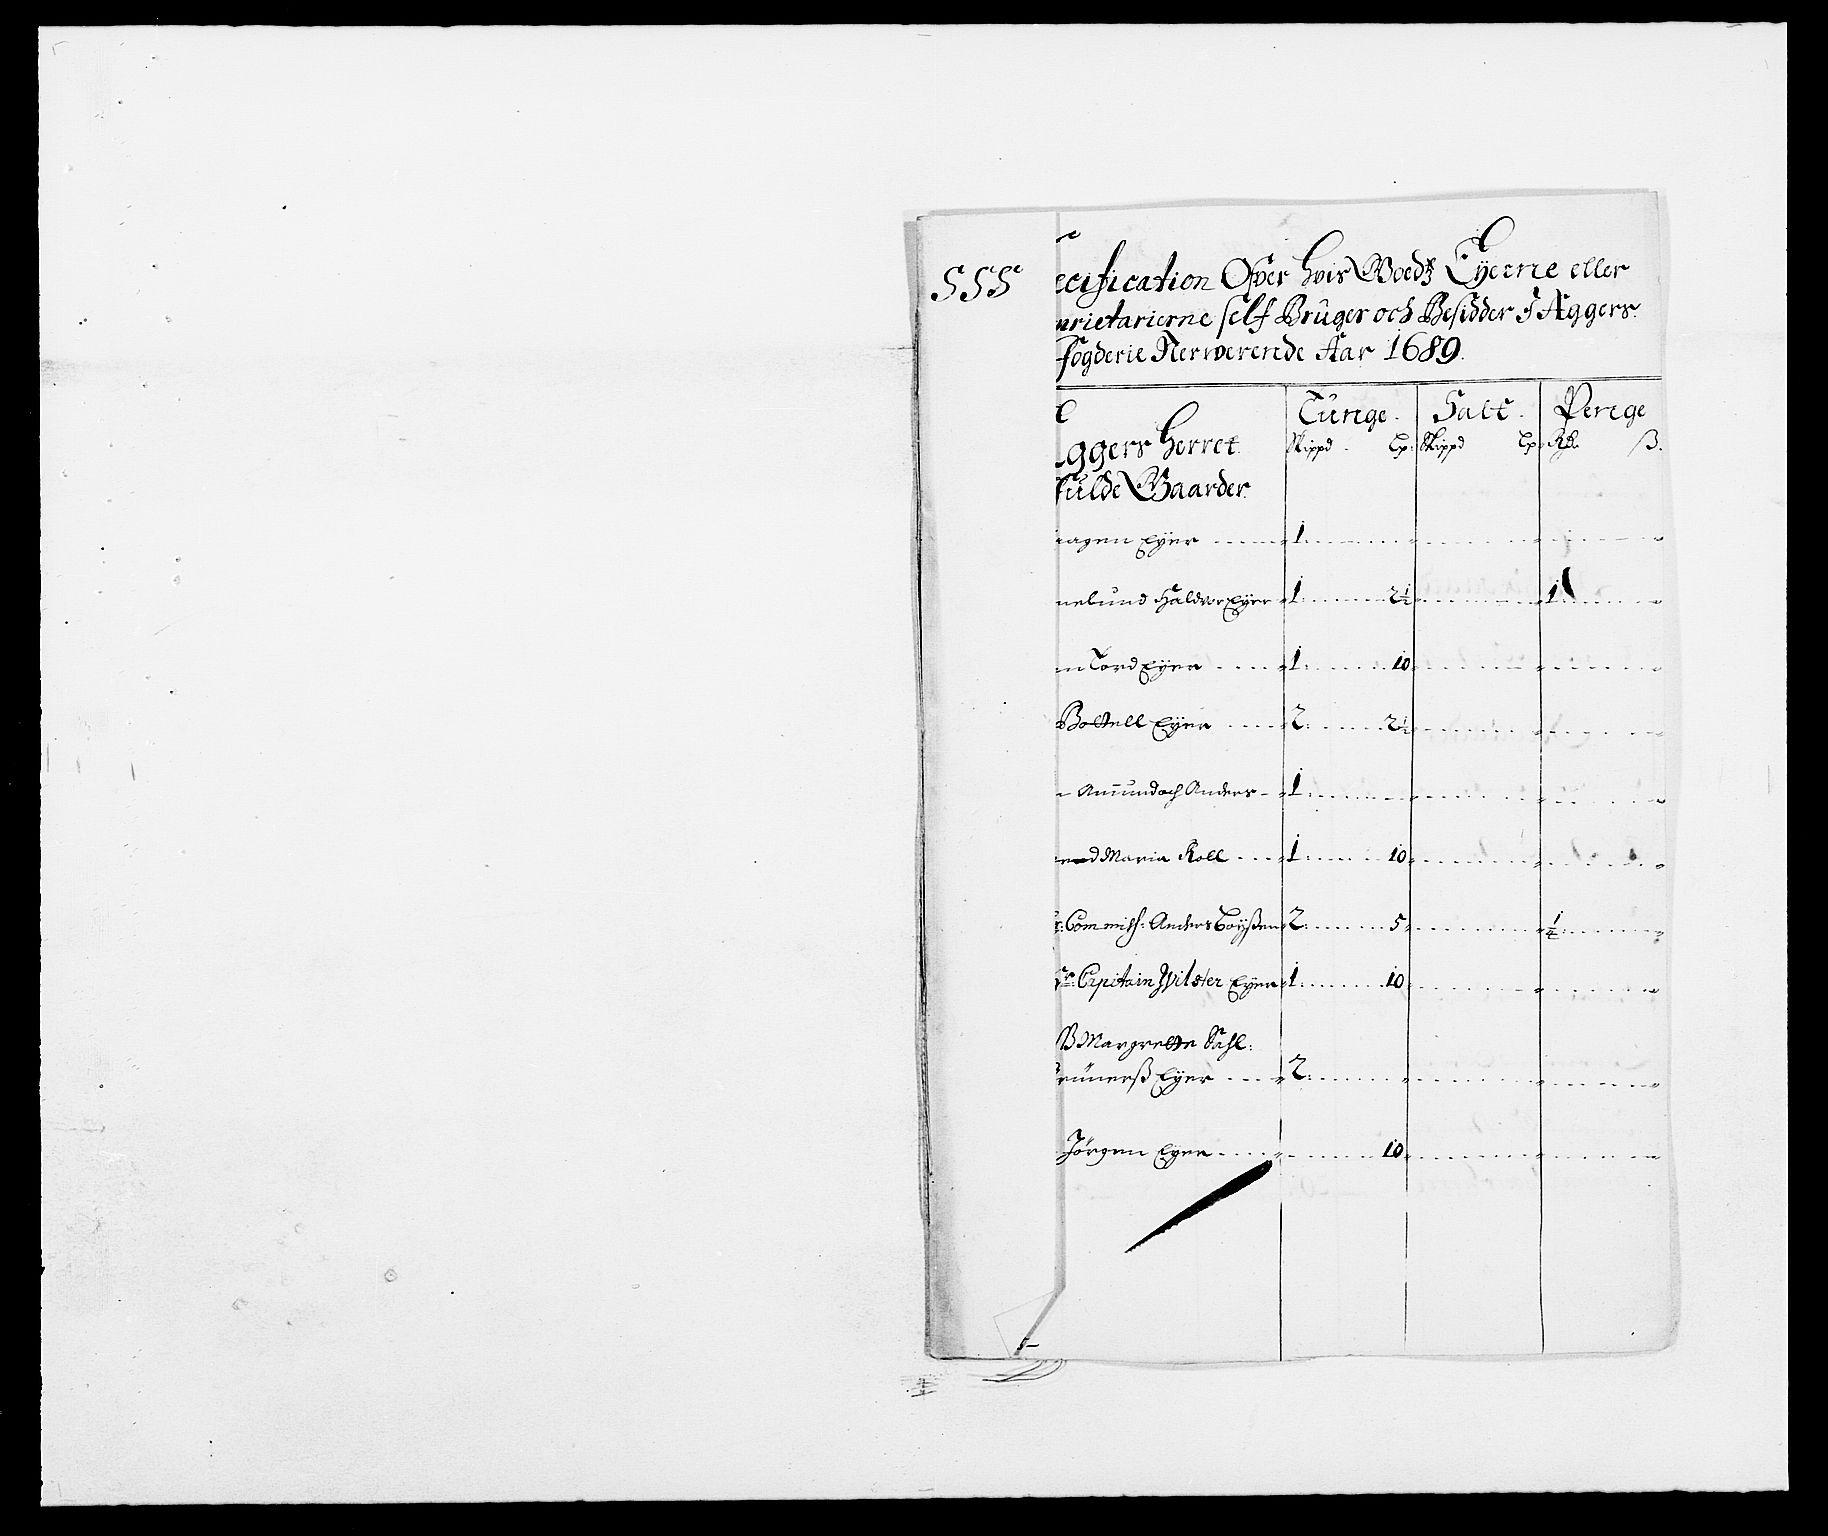 RA, Rentekammeret inntil 1814, Reviderte regnskaper, Fogderegnskap, R08/L0423: Fogderegnskap Aker, 1687-1689, s. 34